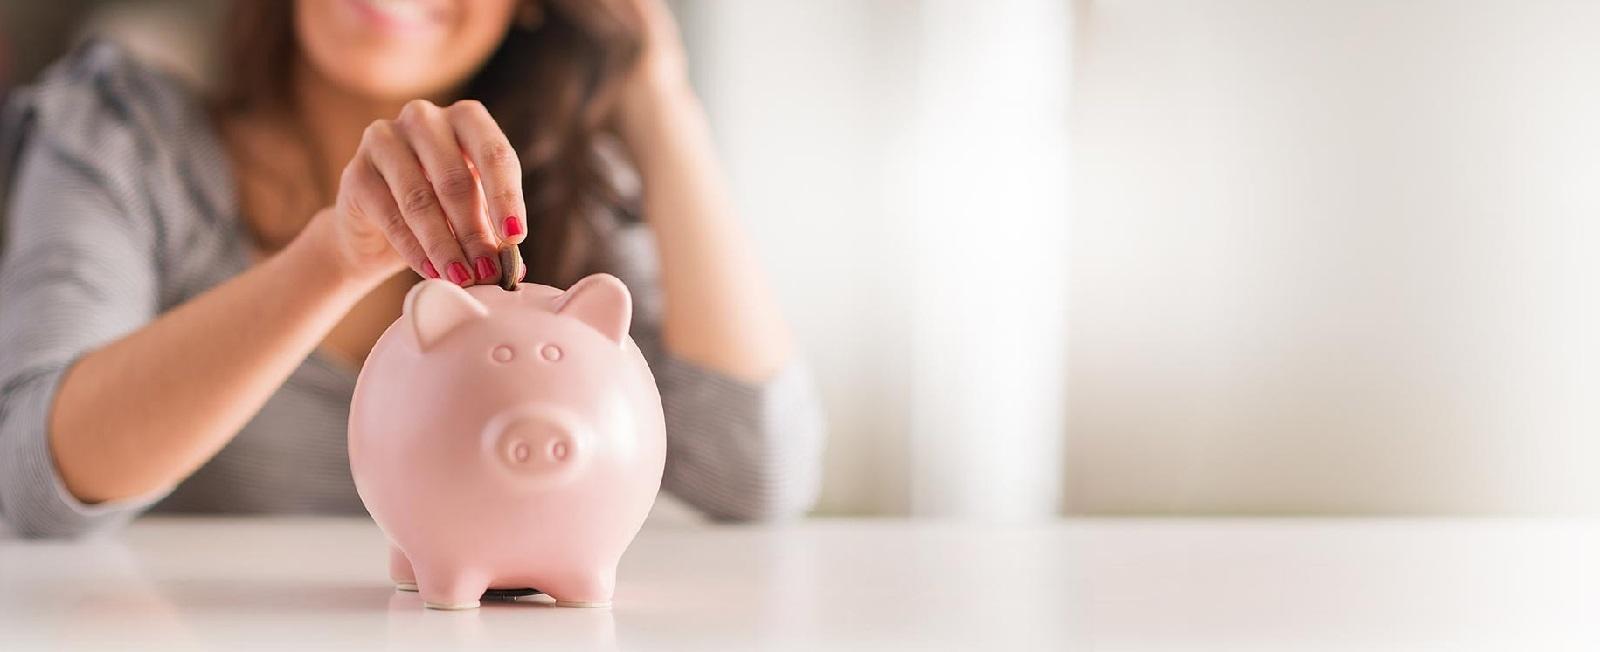 Cerca de 25% dos brasileiros guardam dinheiro em casa